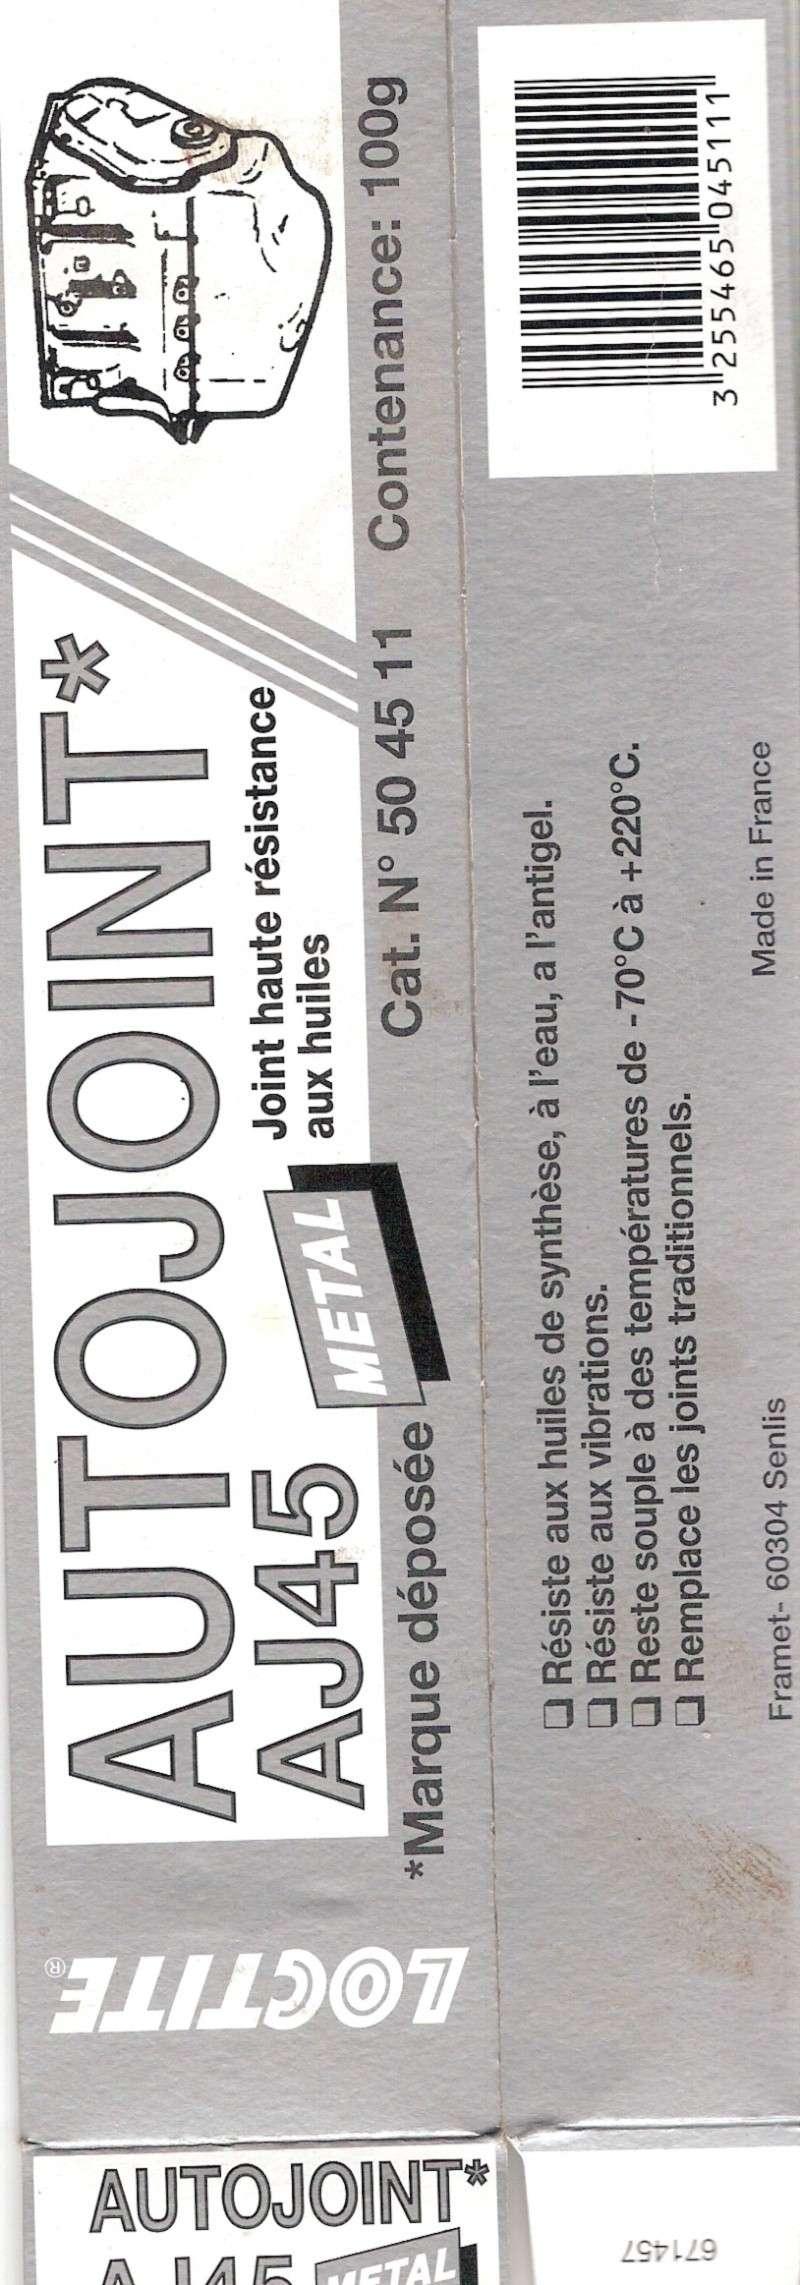 Réfection d'un OM 636 - Page 2 Numari12